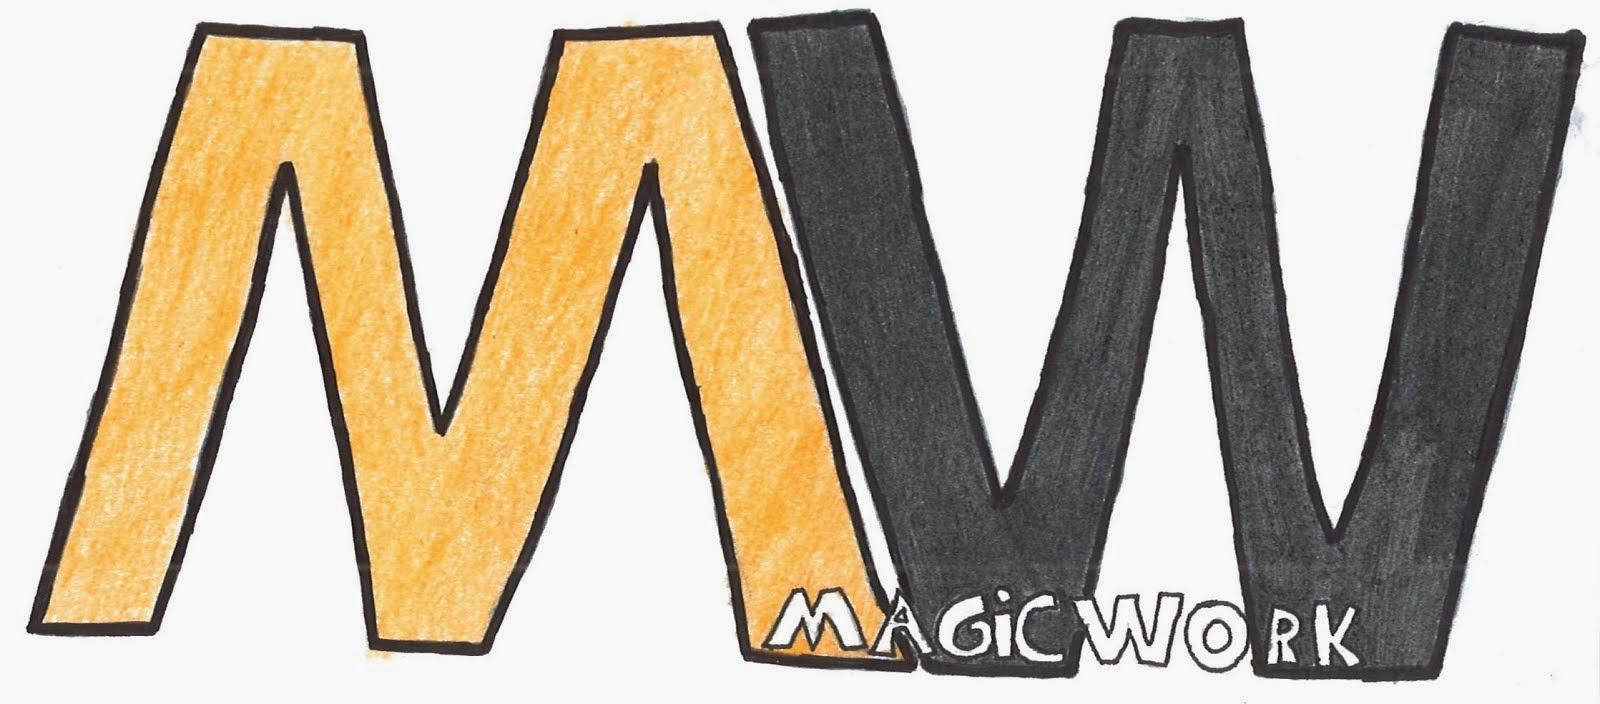 MAGICWORK OLVAN